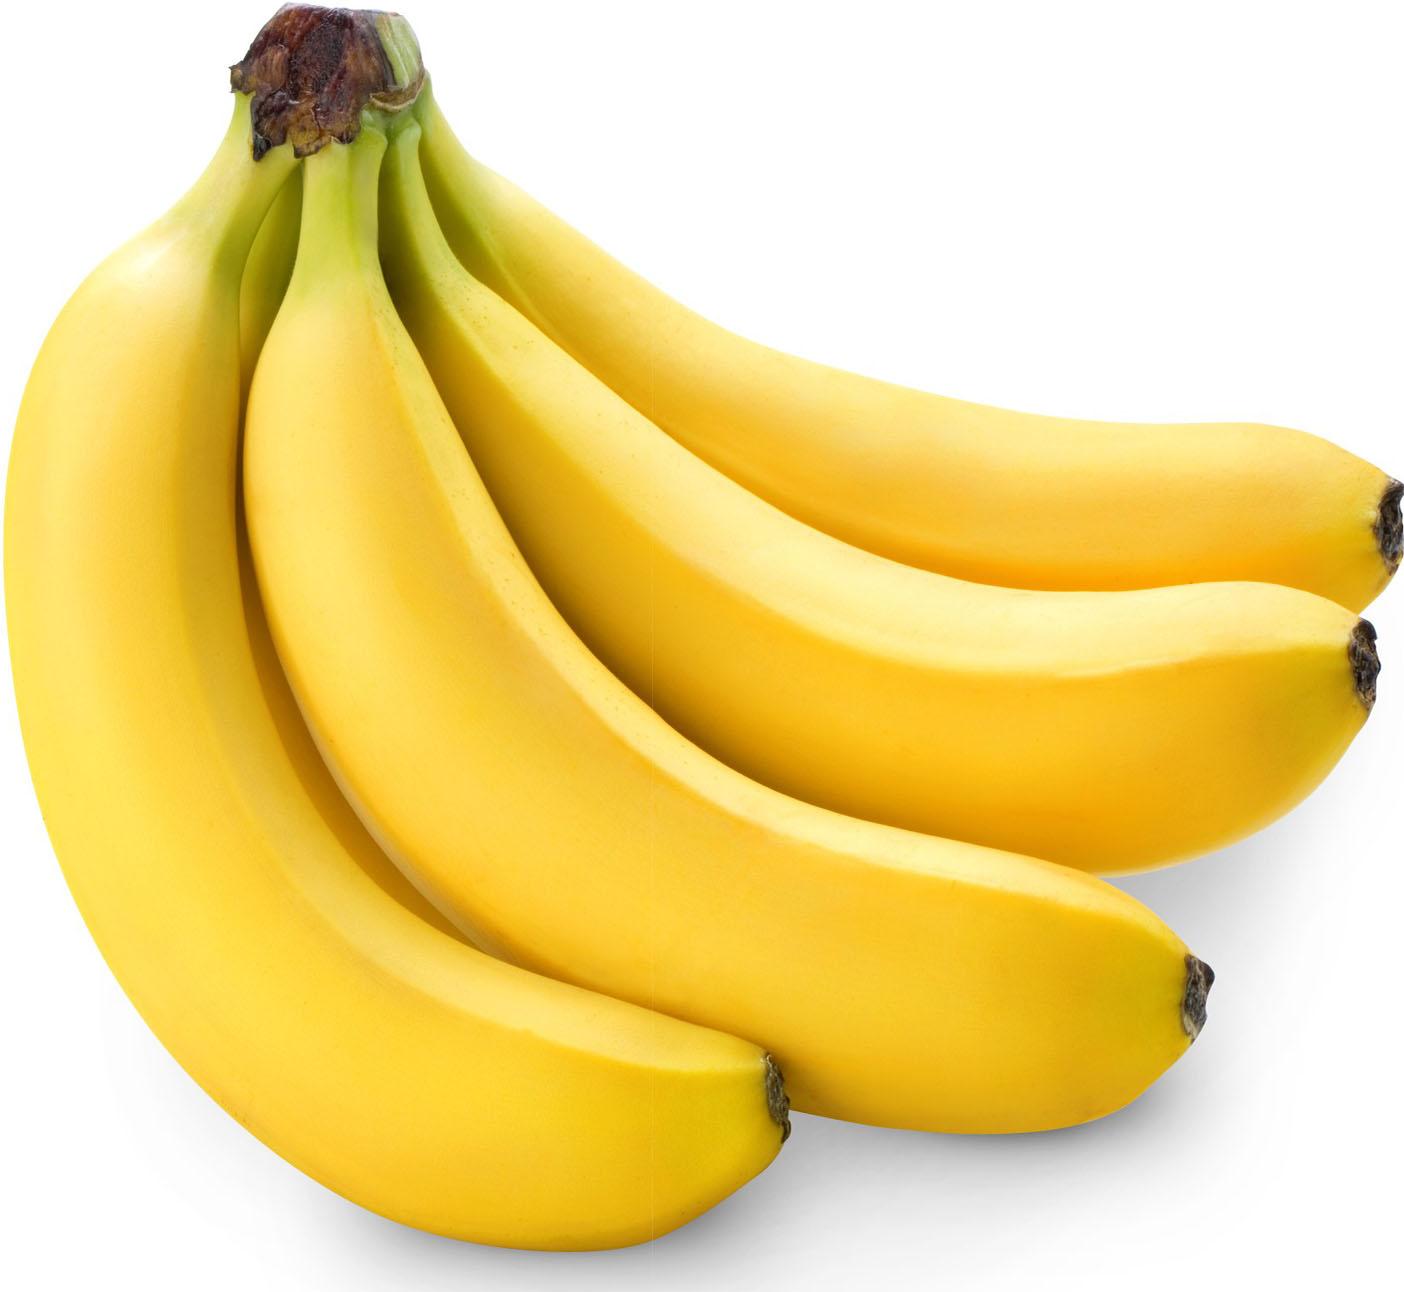 Bananen für 0,89 € / kg bei (Lidl)